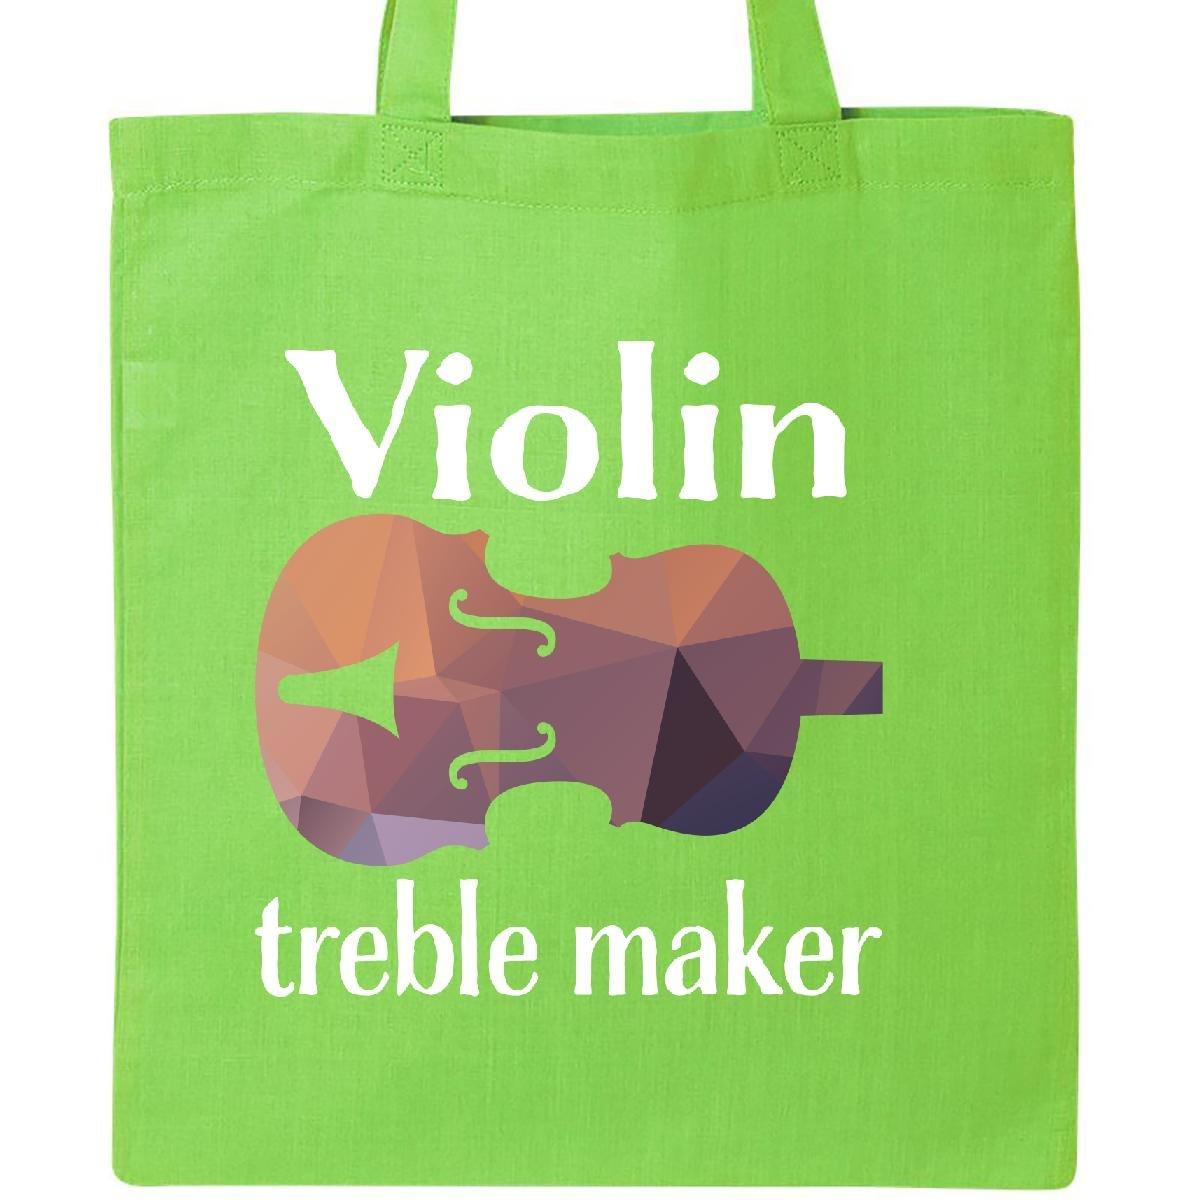 【クーポン対象外】 InktasticバイオリンTreble Size Maker Funny Violinist音楽ギフトトートバッグ B072NYQ14Z One Size B072NYQ14Z Maker ライムグリーン, ペットコレクション:8a3542a5 --- arianechie.dominiotemporario.com